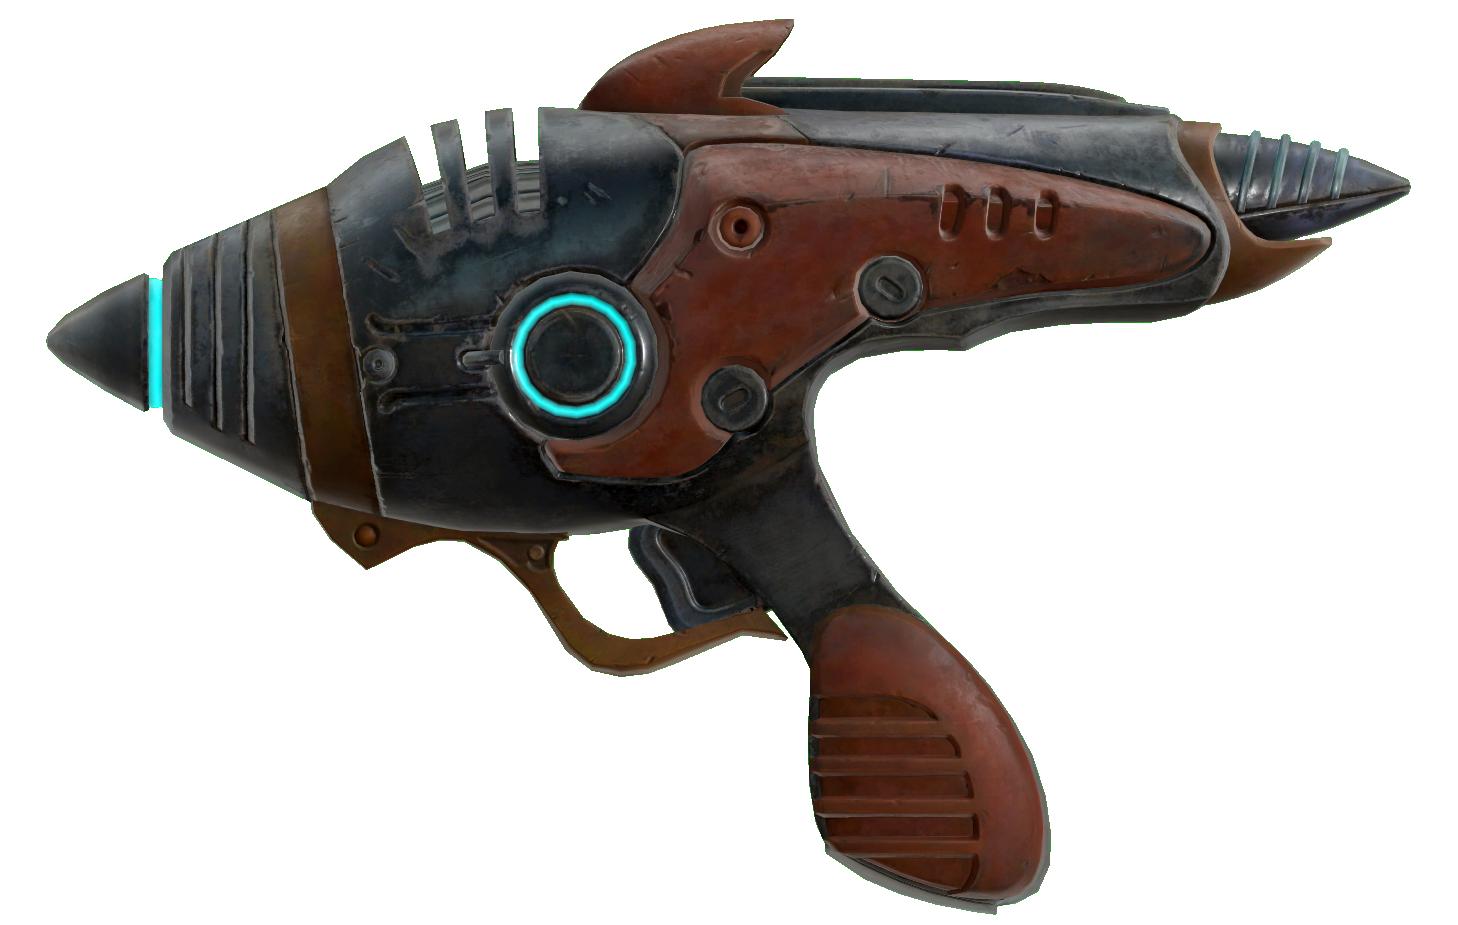 Alien blaster (Fallout 76)